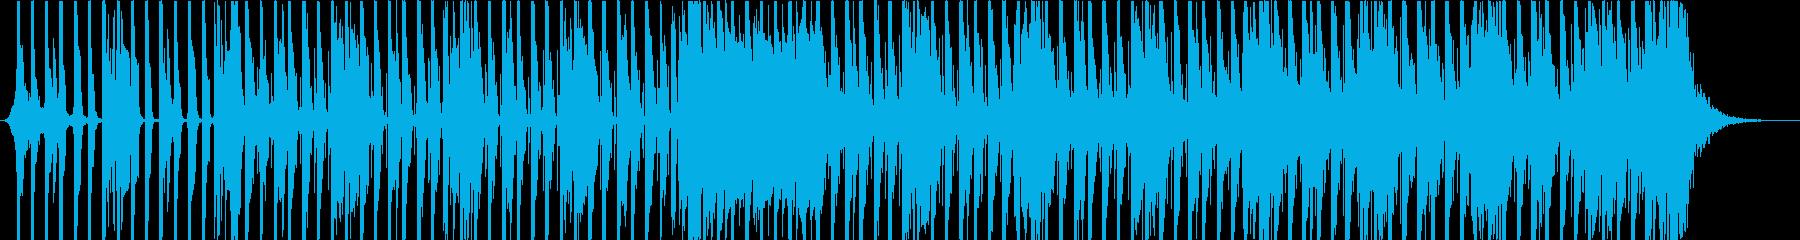 元気づける 明るいファンキー ポップの再生済みの波形